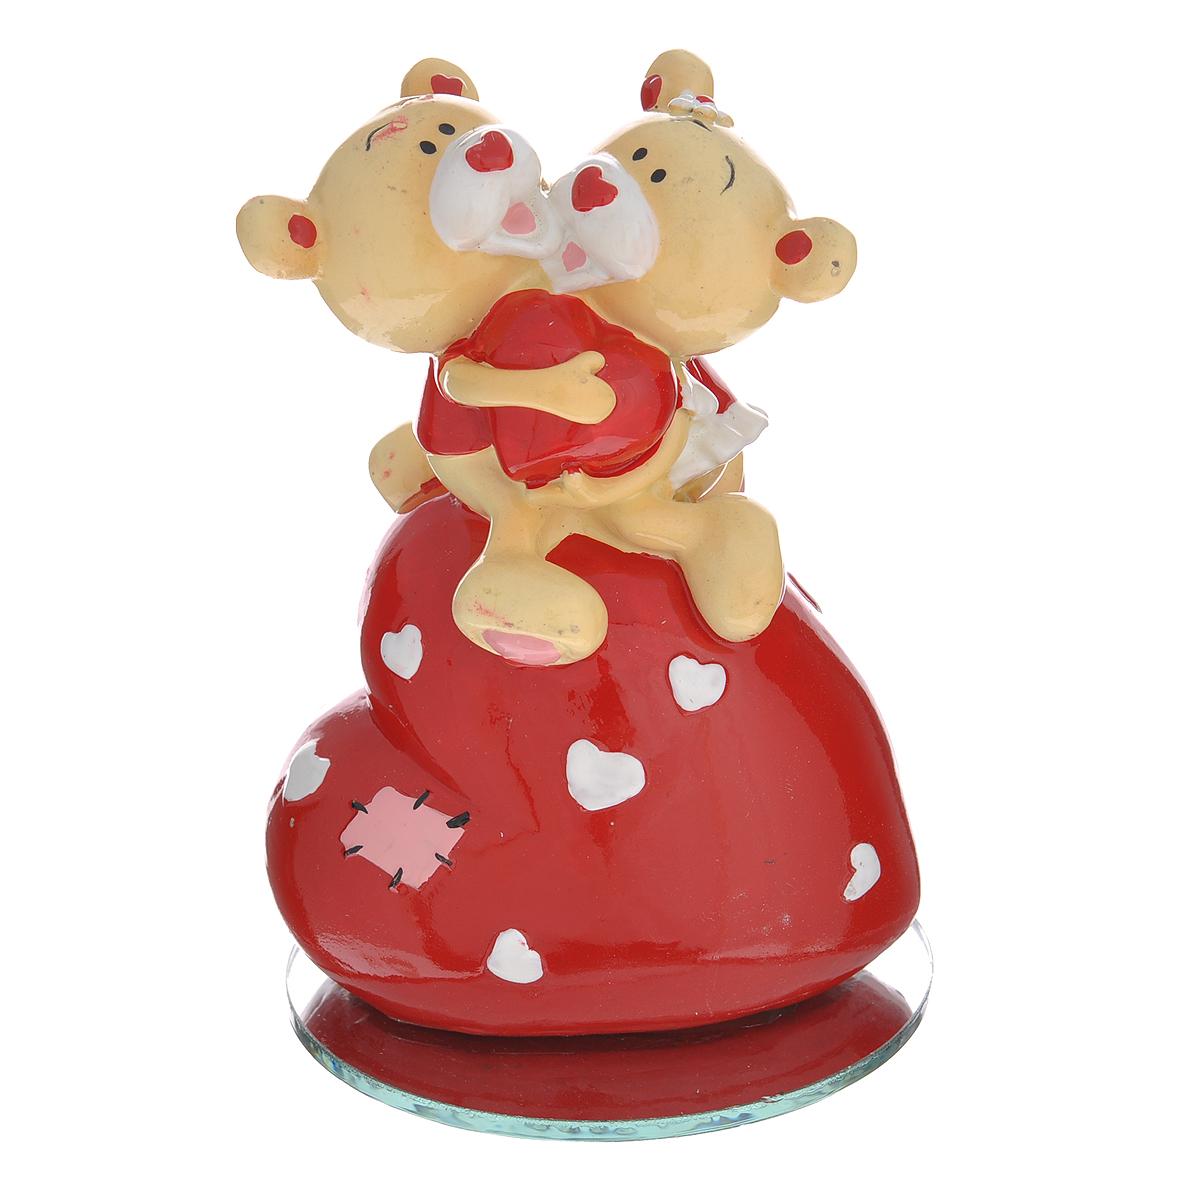 Фигурка декоративная Мишка-валентинка, цвет: красный. 123439 фигурка декоративная мишка валентинка цвет красный 123437